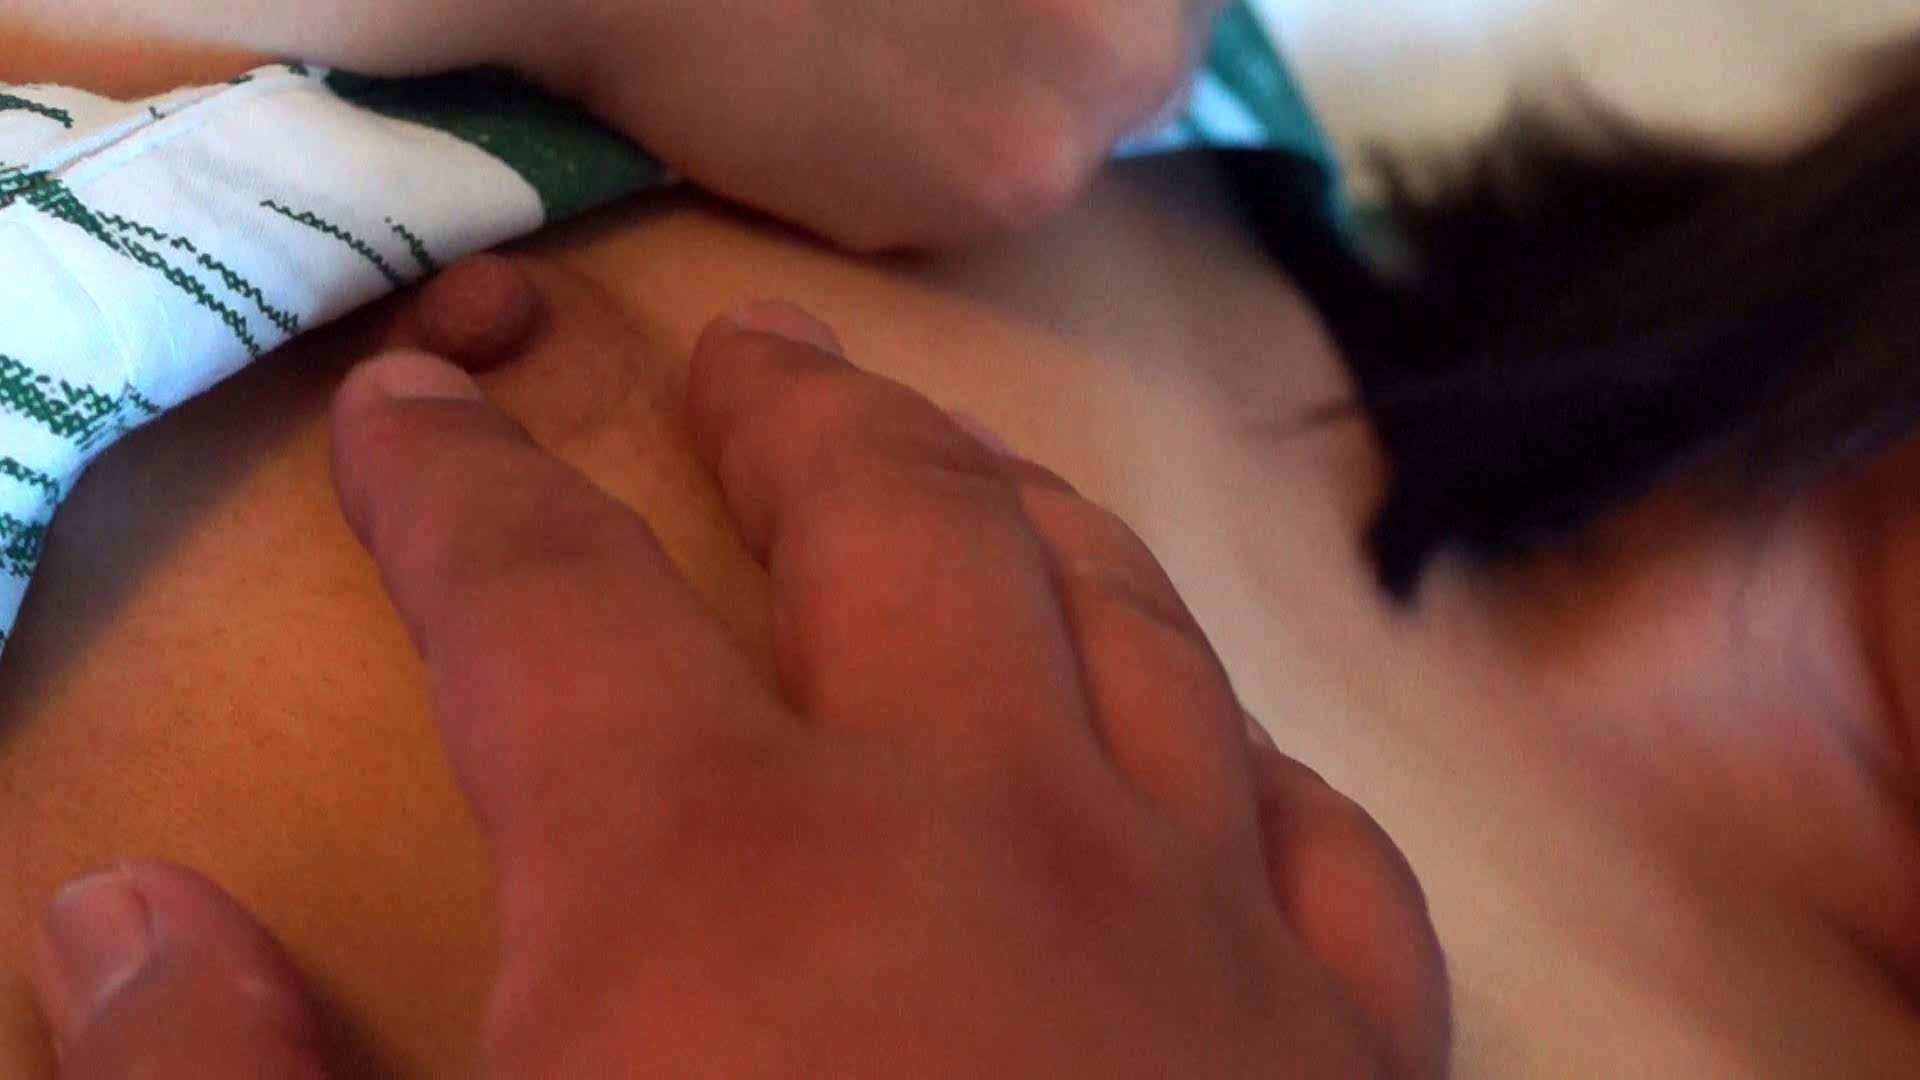 vol.8 前回撮影で見ることのできなかった留華ちゃんの小ぶりな胸! OL裸体 | 顔出しNG一般女性  110画像 88